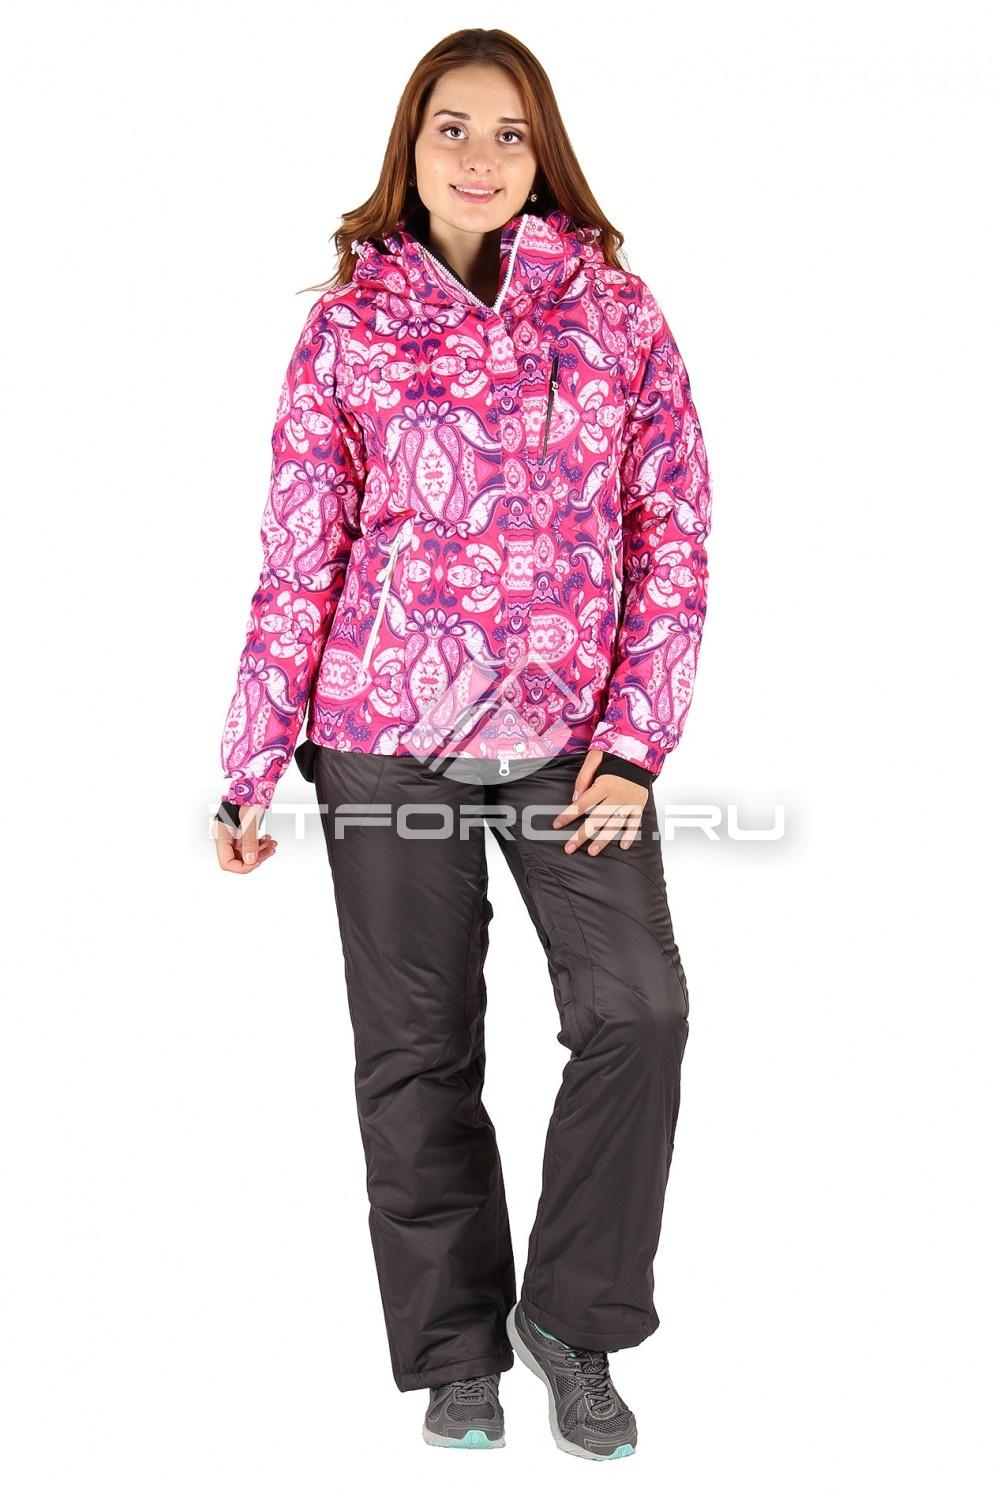 Купить оптом Костюм горнолыжный женский розового цвета 0305R